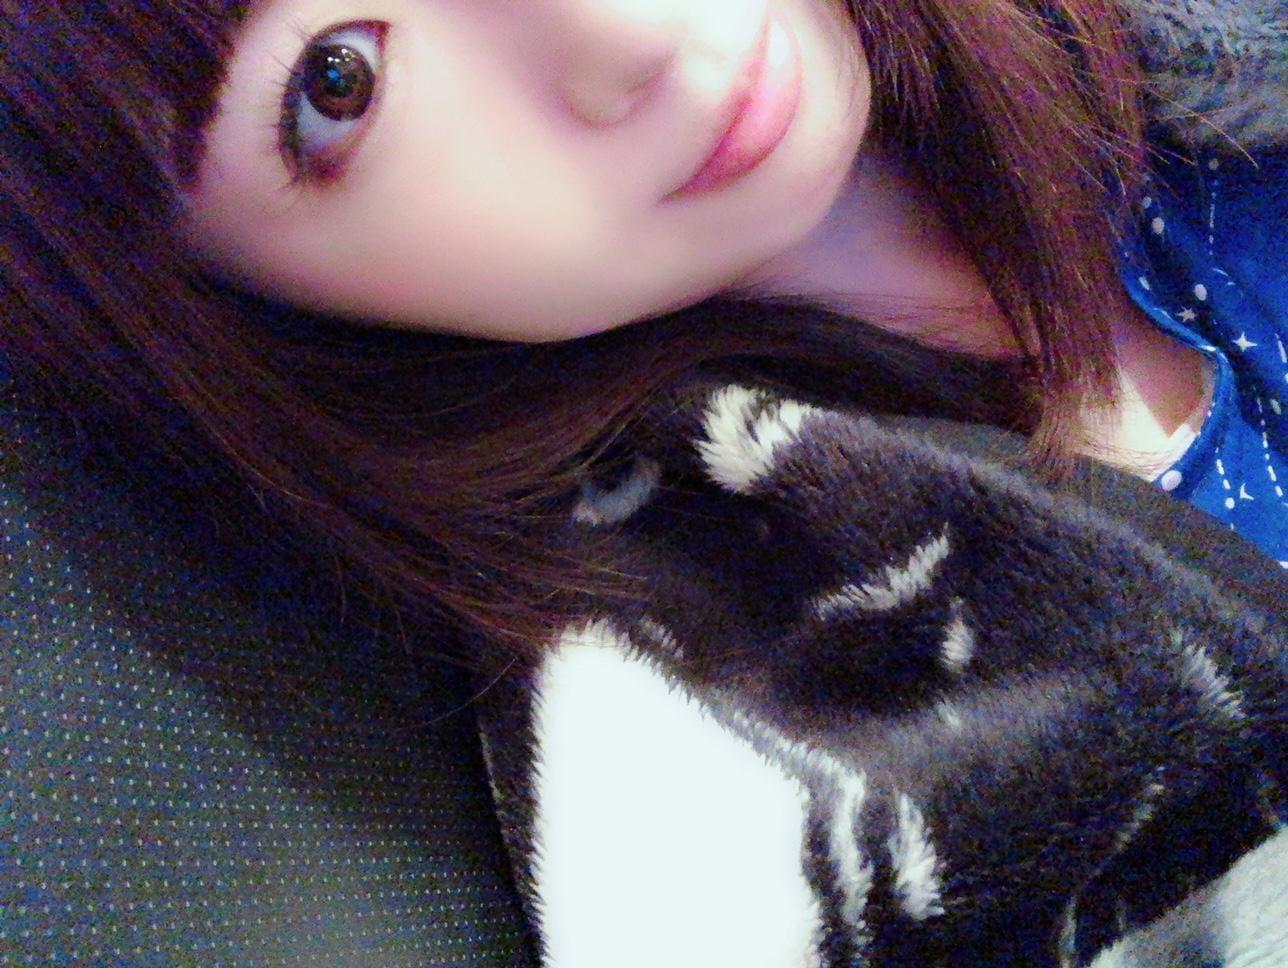 「8月スタート」08/01(水) 11:20   ももの写メ・風俗動画